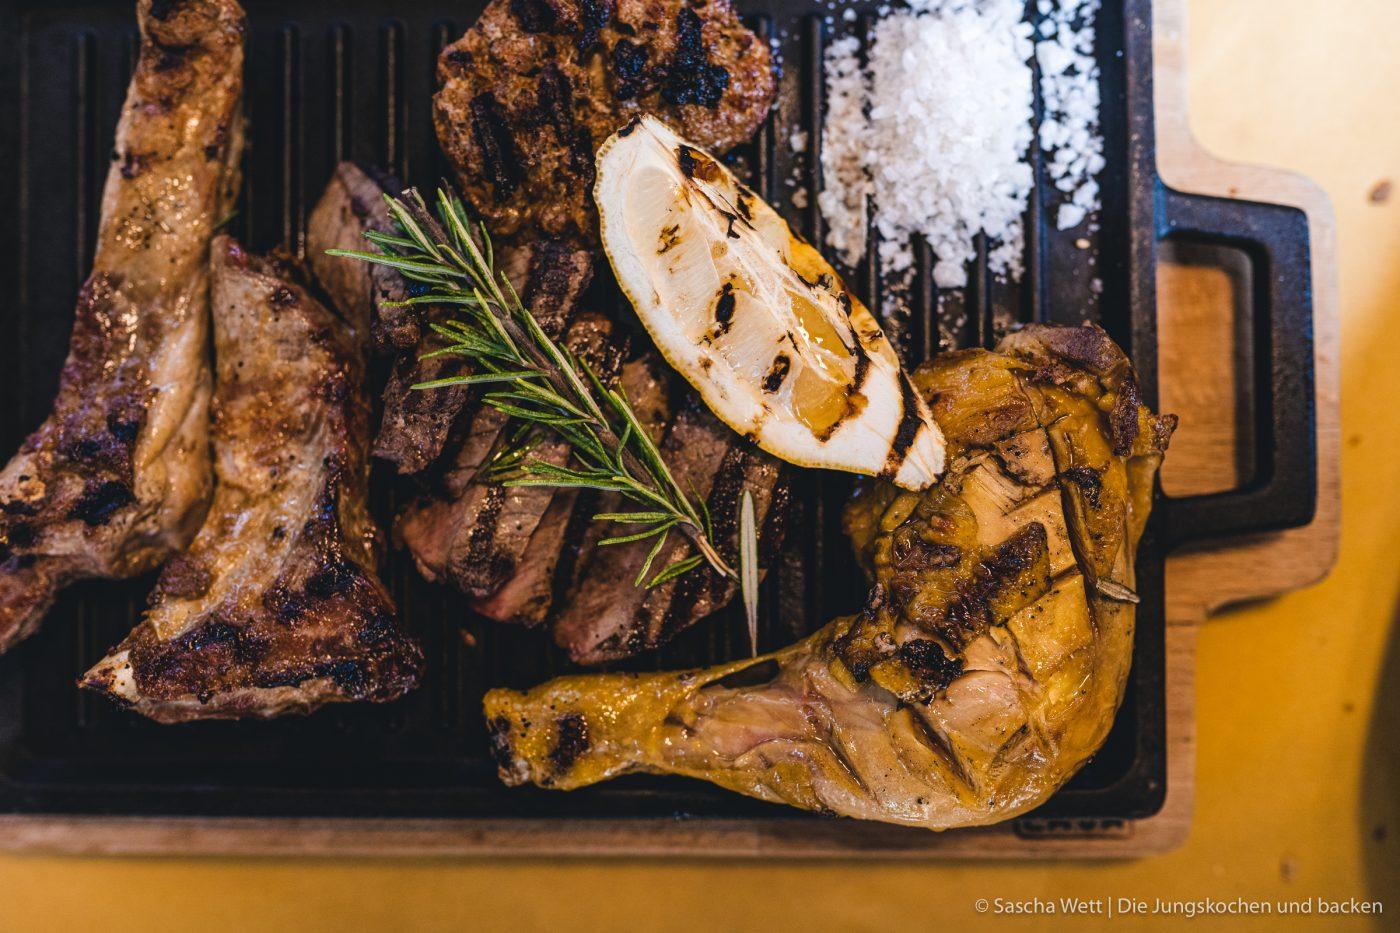 Wildschwein Burger Kerrygold 4 | Heute haben wir eine super leckere Burgerkreation von Torsten mit im Gepäck. Der eine oder andere von euch hat den Burger auch schon vor ein paar Wochen bei Instagram erspäht! Wir waren nämlich mit unserem Partner Kerrygold im schönen München. Dort haben wir aber nicht nur geschlemmt, sondern waren auch fleißig. Wir durften dort mit 50€ bewaffnet über den Viktualienmarkt flitzen und haben unseren ganz persönlichen Burger kreiiert. Torsten hat mit seinem Wildschwein-Chesseburger den zweiten Platz gemacht und daher wollen wir ihn euch nicht vorenthalten.